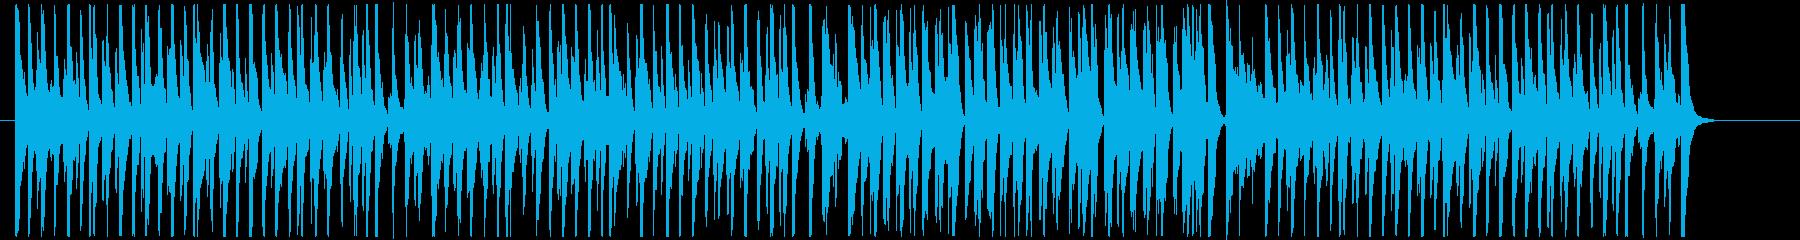 コミカル_Aの再生済みの波形